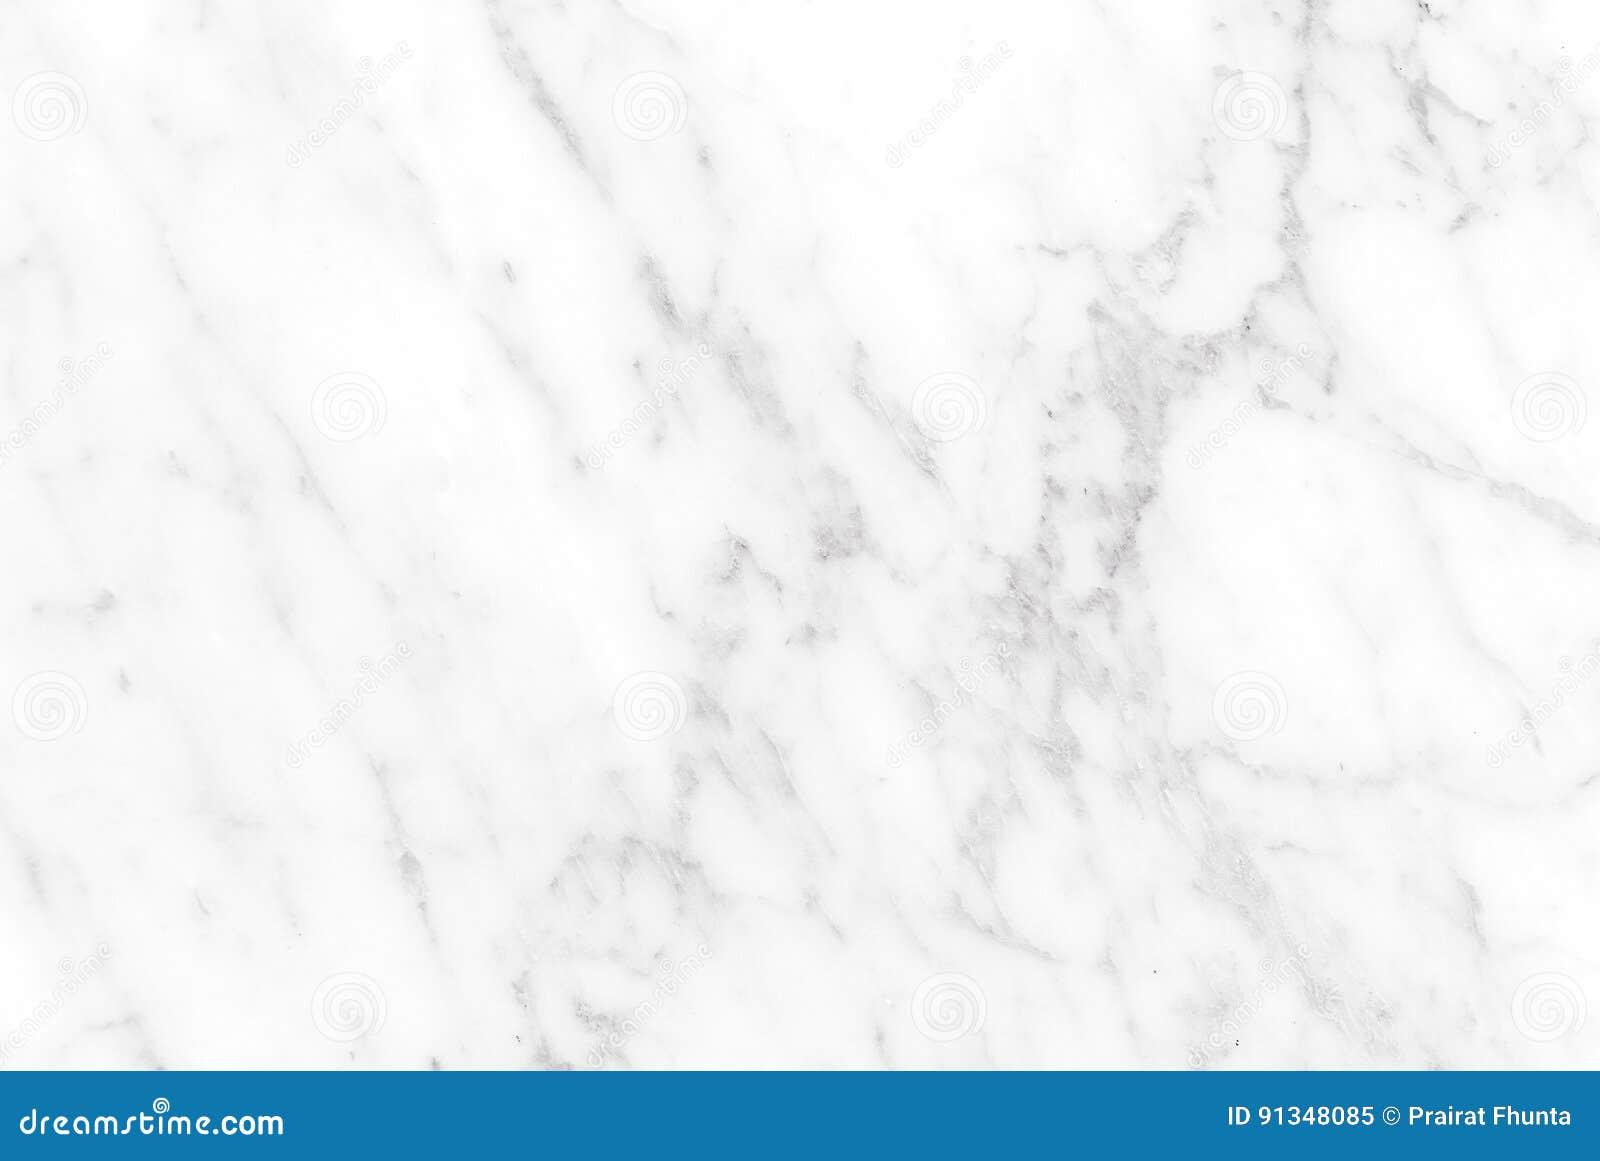 Textura de mármore branca, teste padrão para o fundo luxuoso do papel de parede da telha da pele